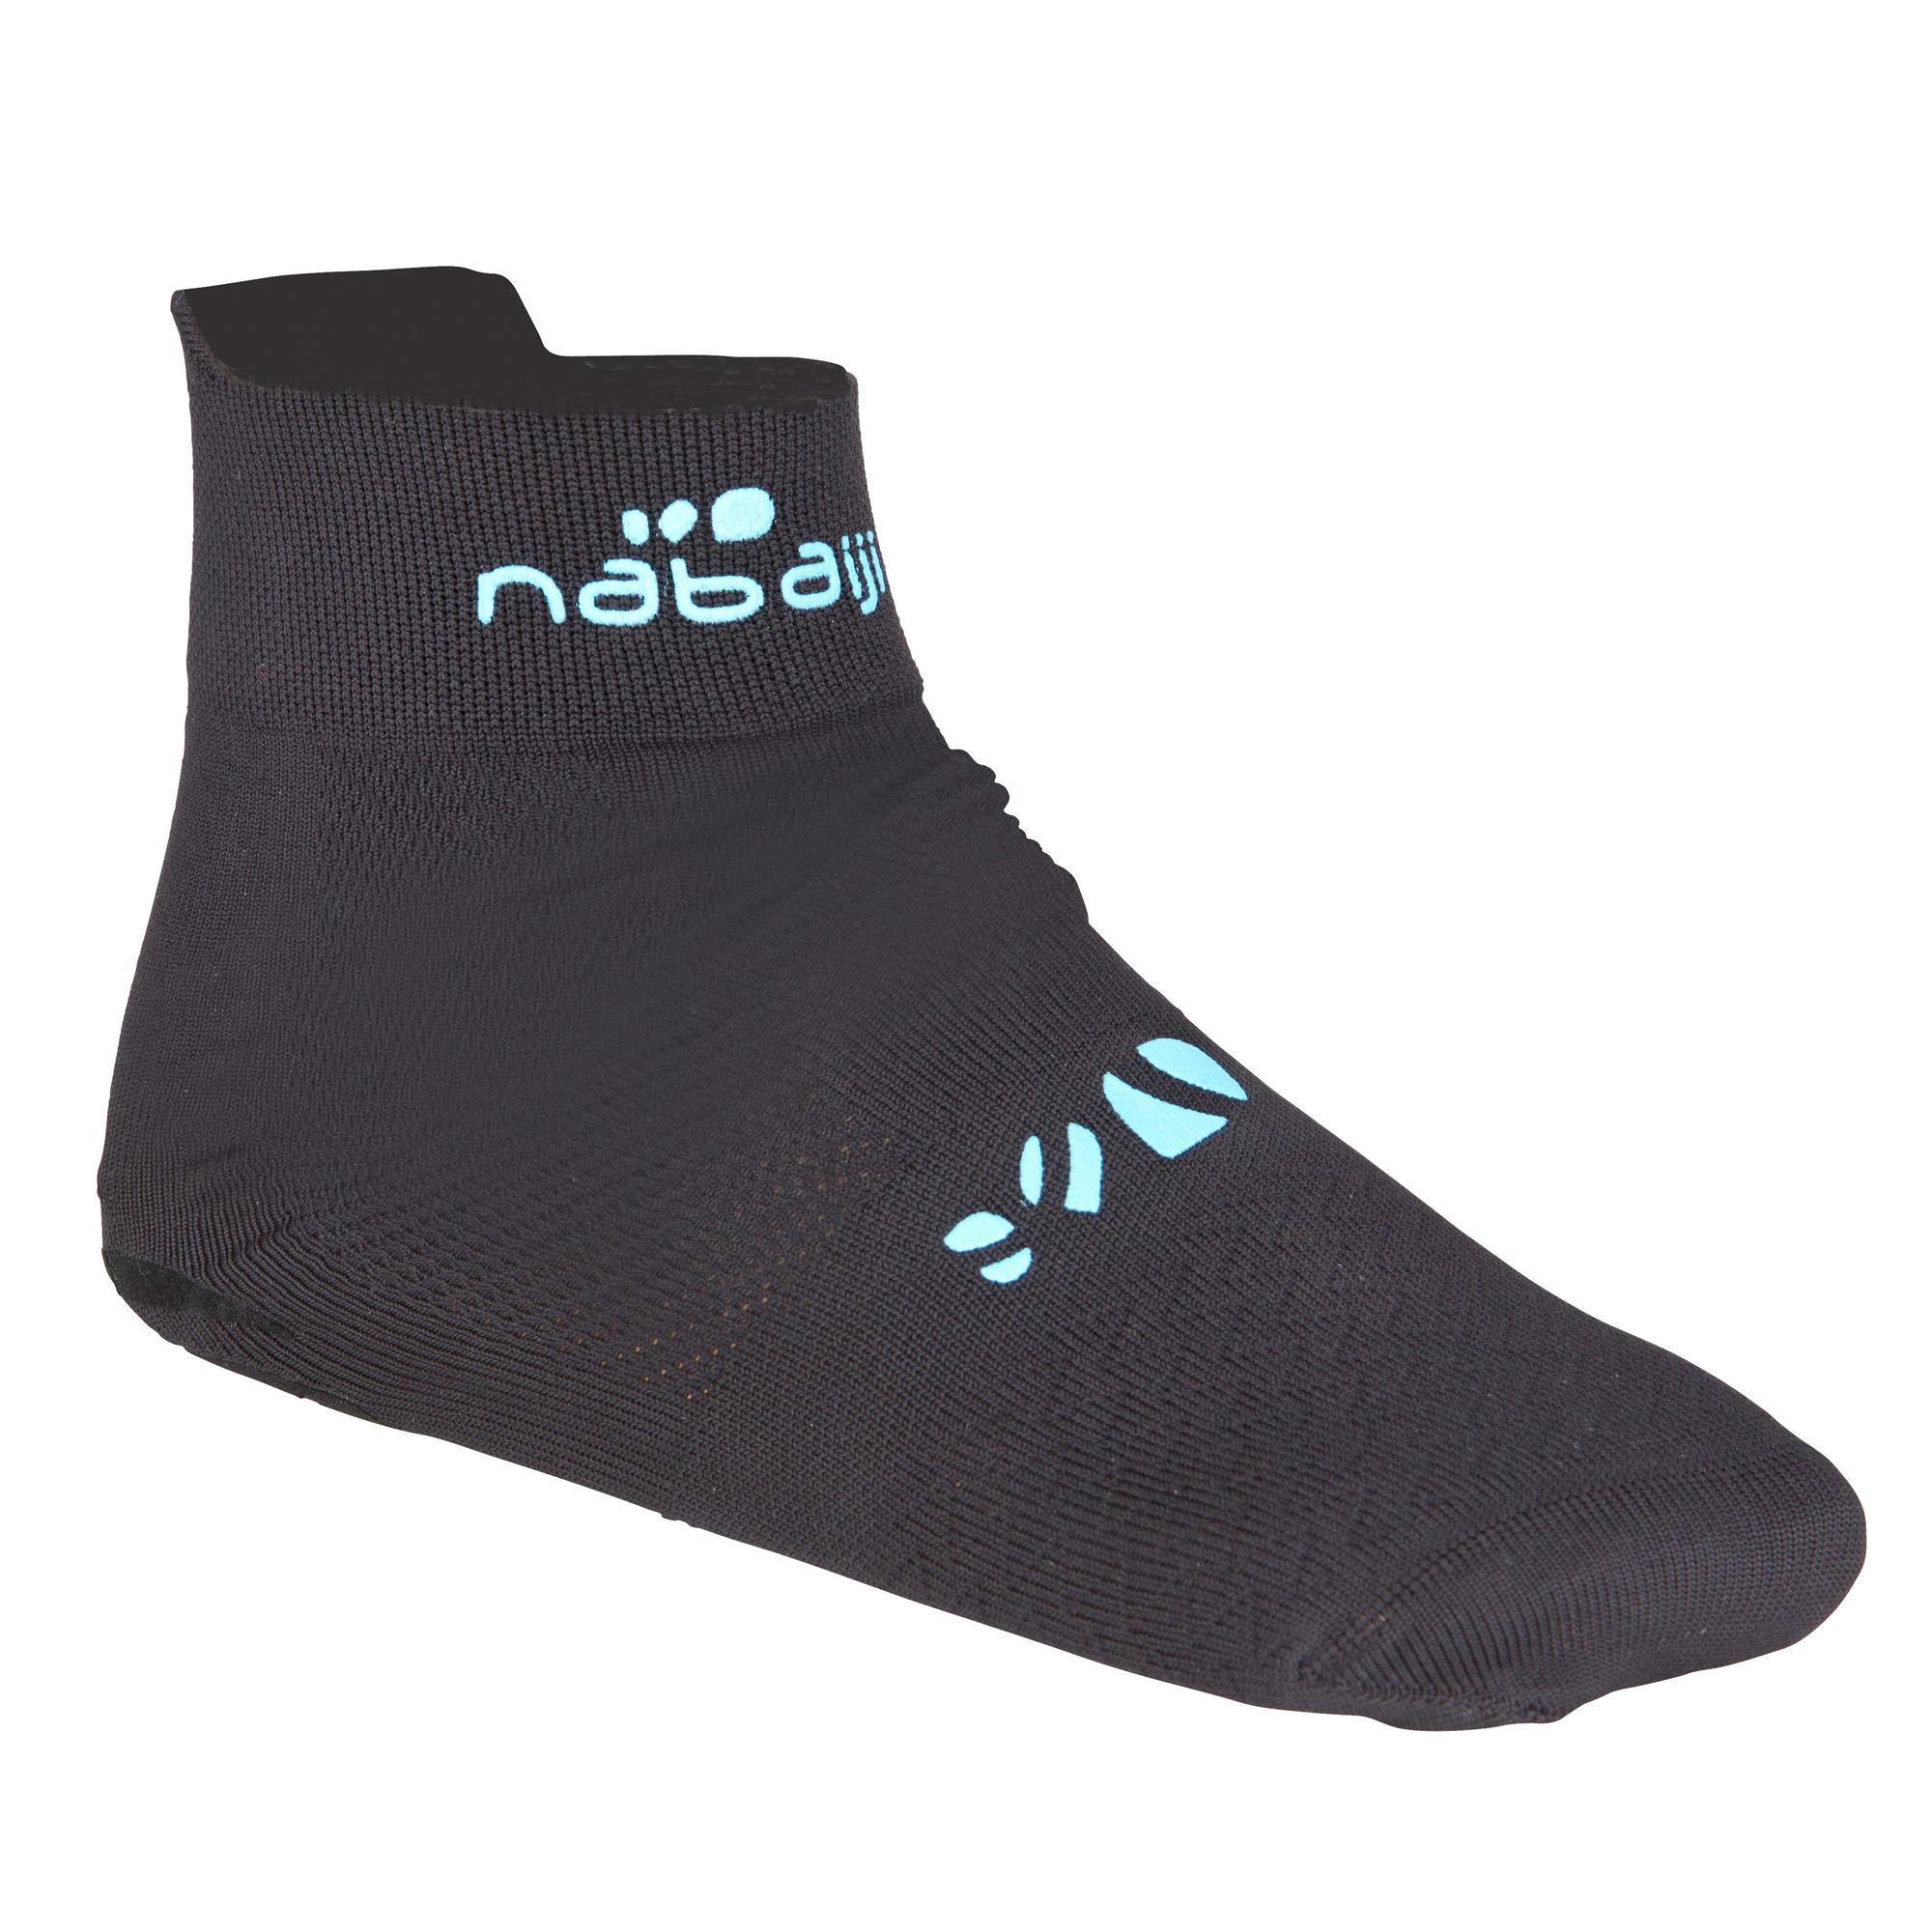 Adult aqua socks